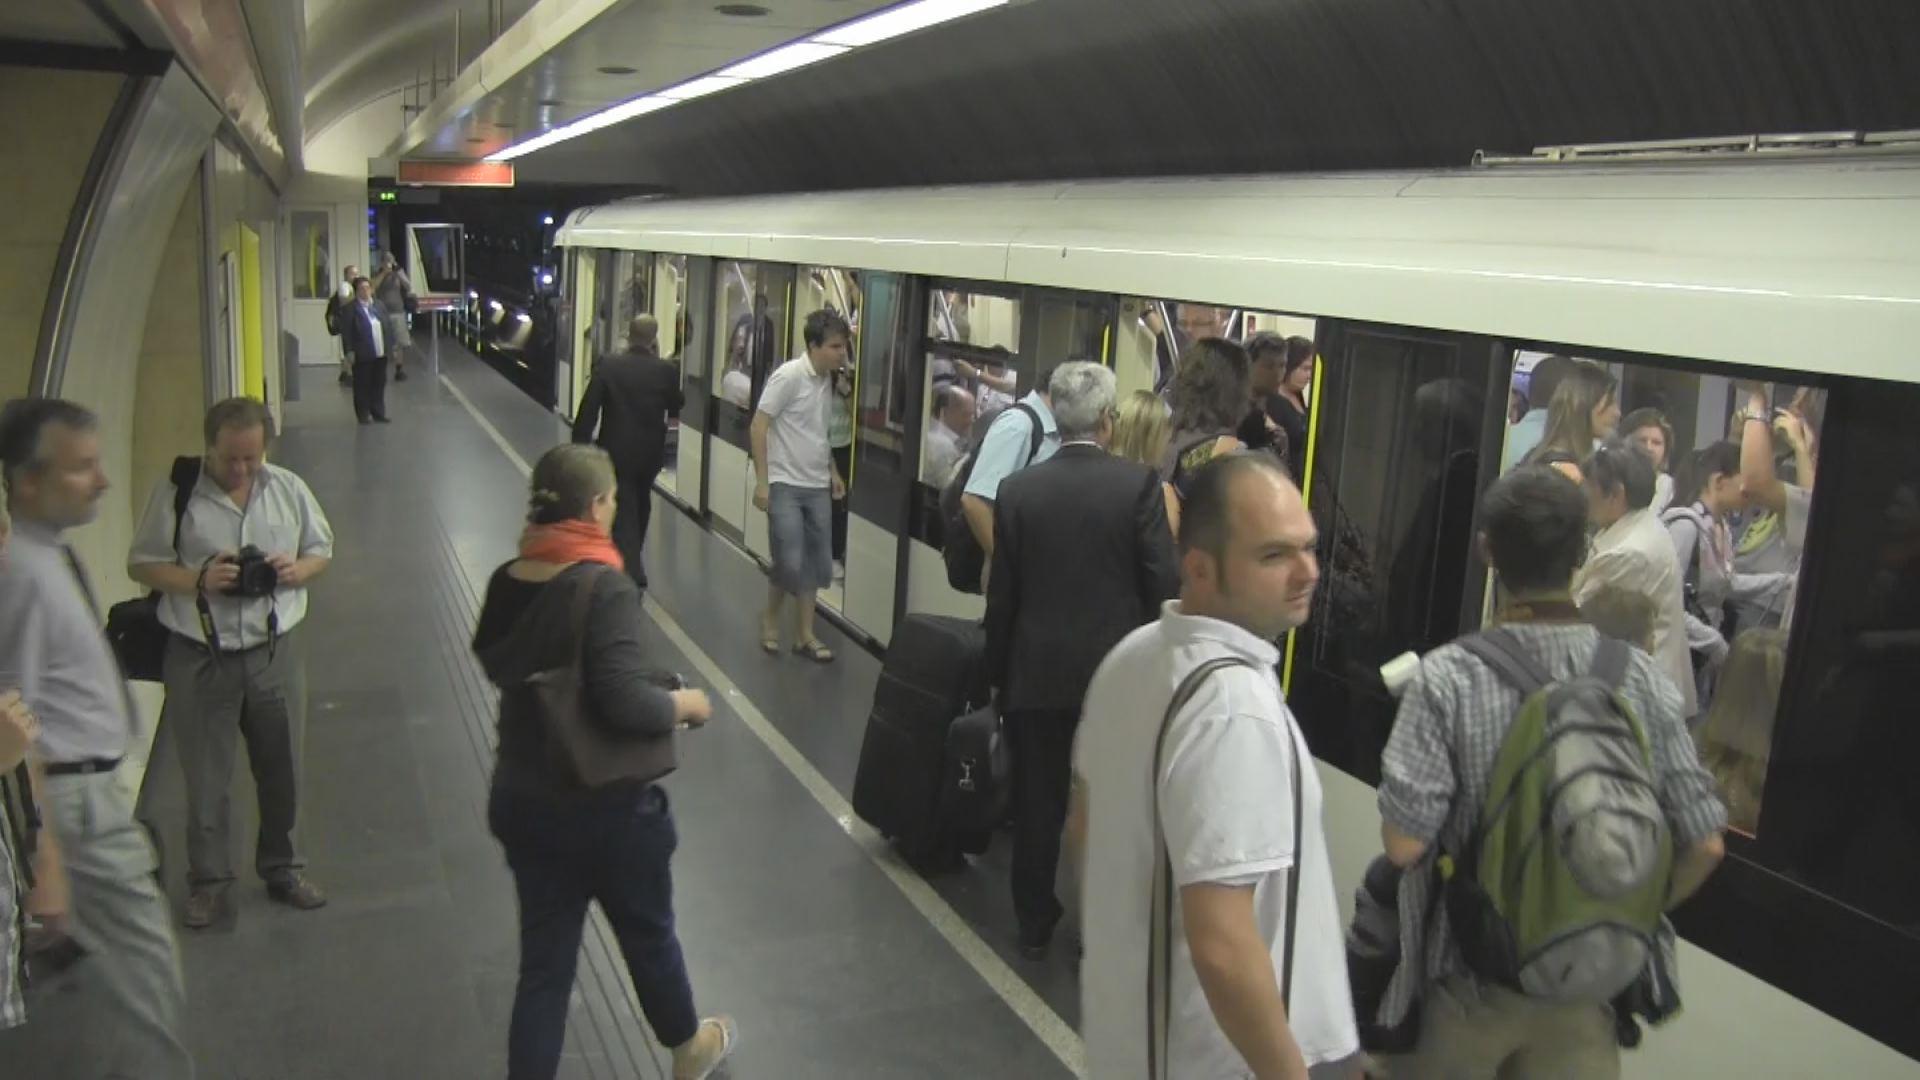 Vége a földalatti retrónak - elindult az első Alstom metró